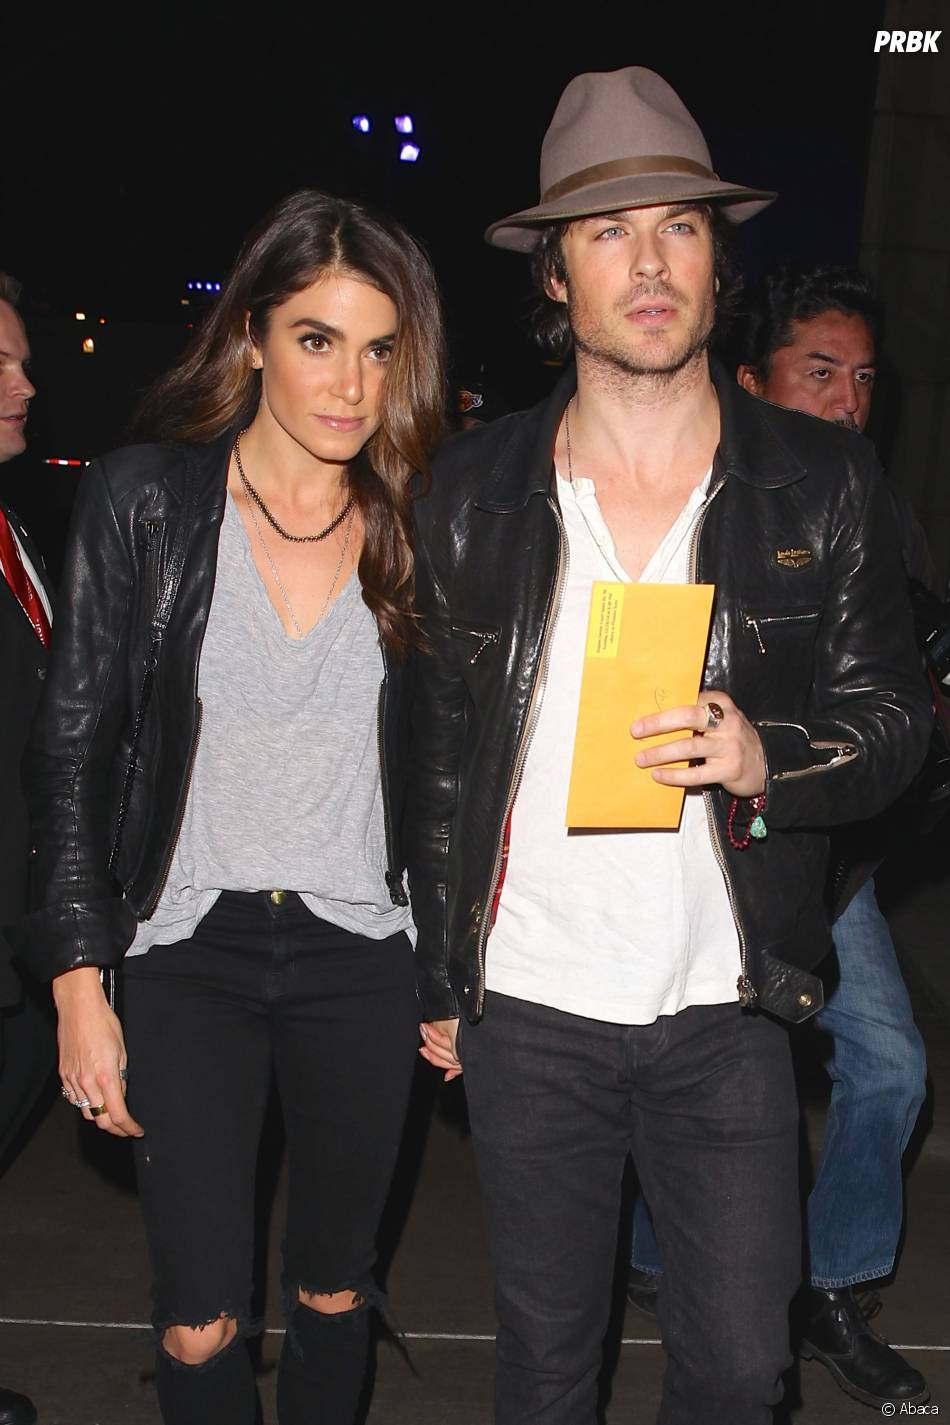 Ian Somerhalder et sa petite amie Nikki Reed main dans la main à L.A